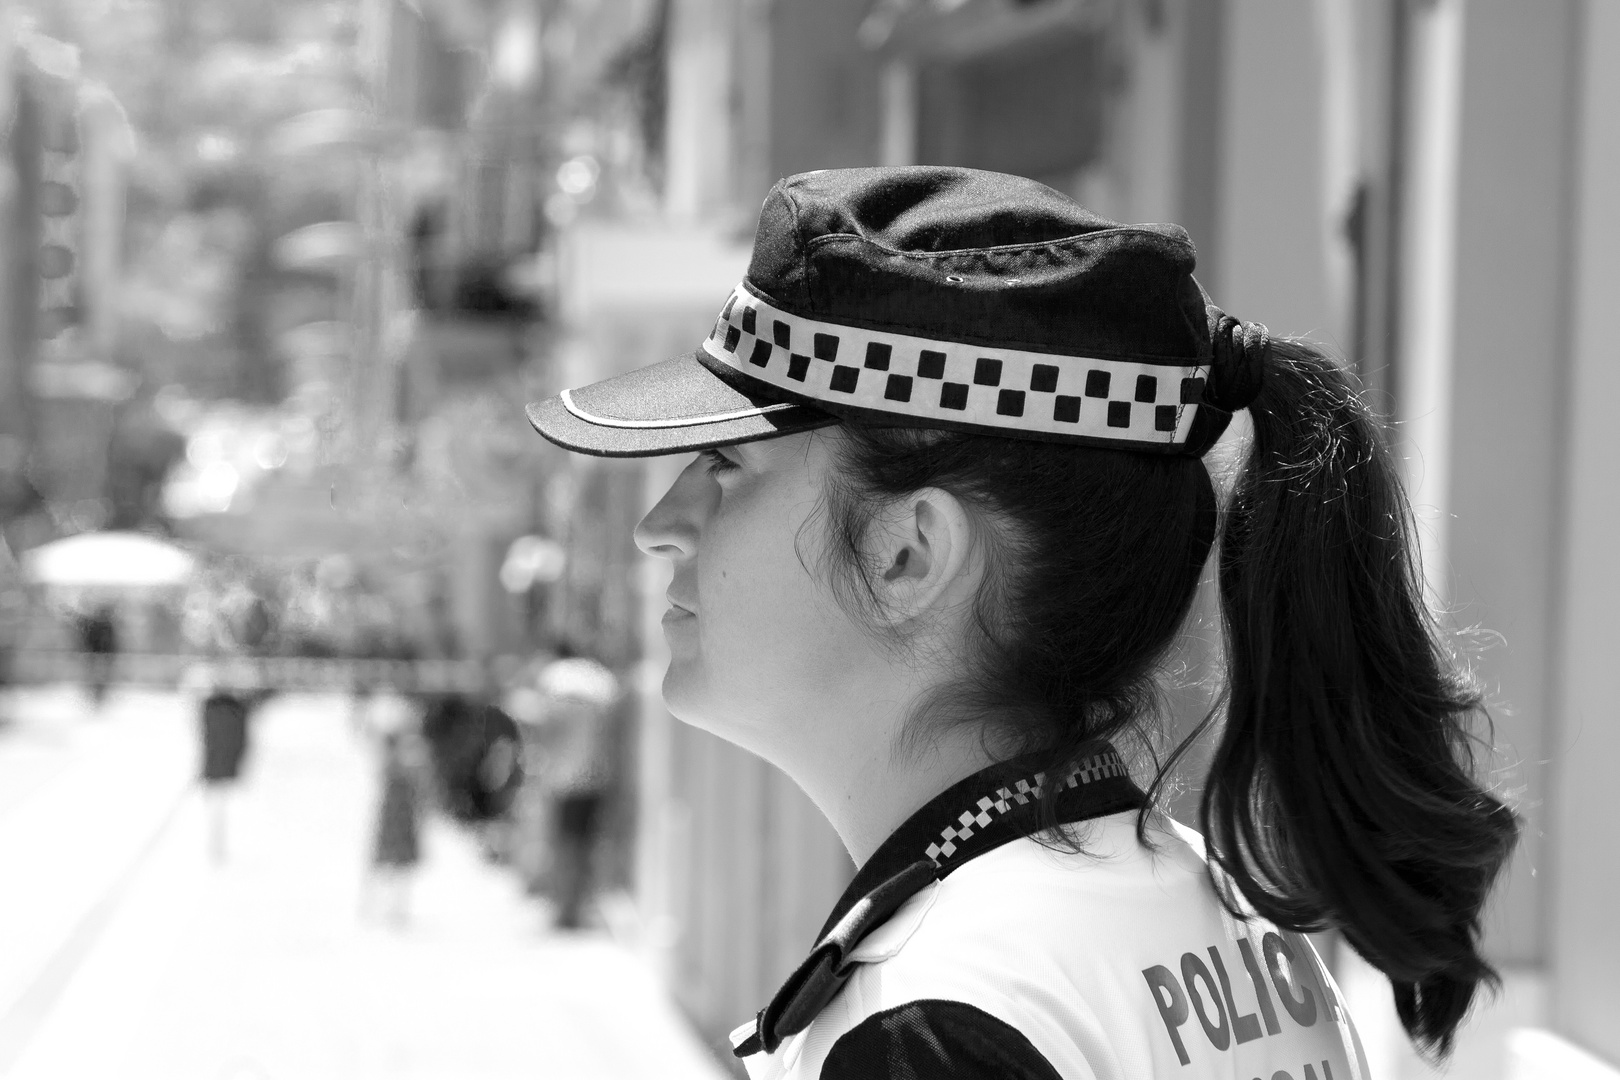 LA POLICIA